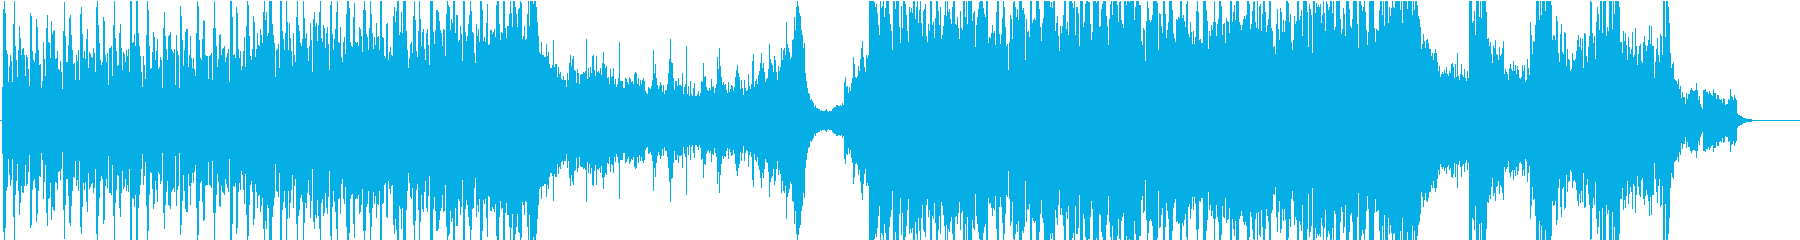 サスペンス、シリアスな劇伴ドラムンベースの再生済みの波形